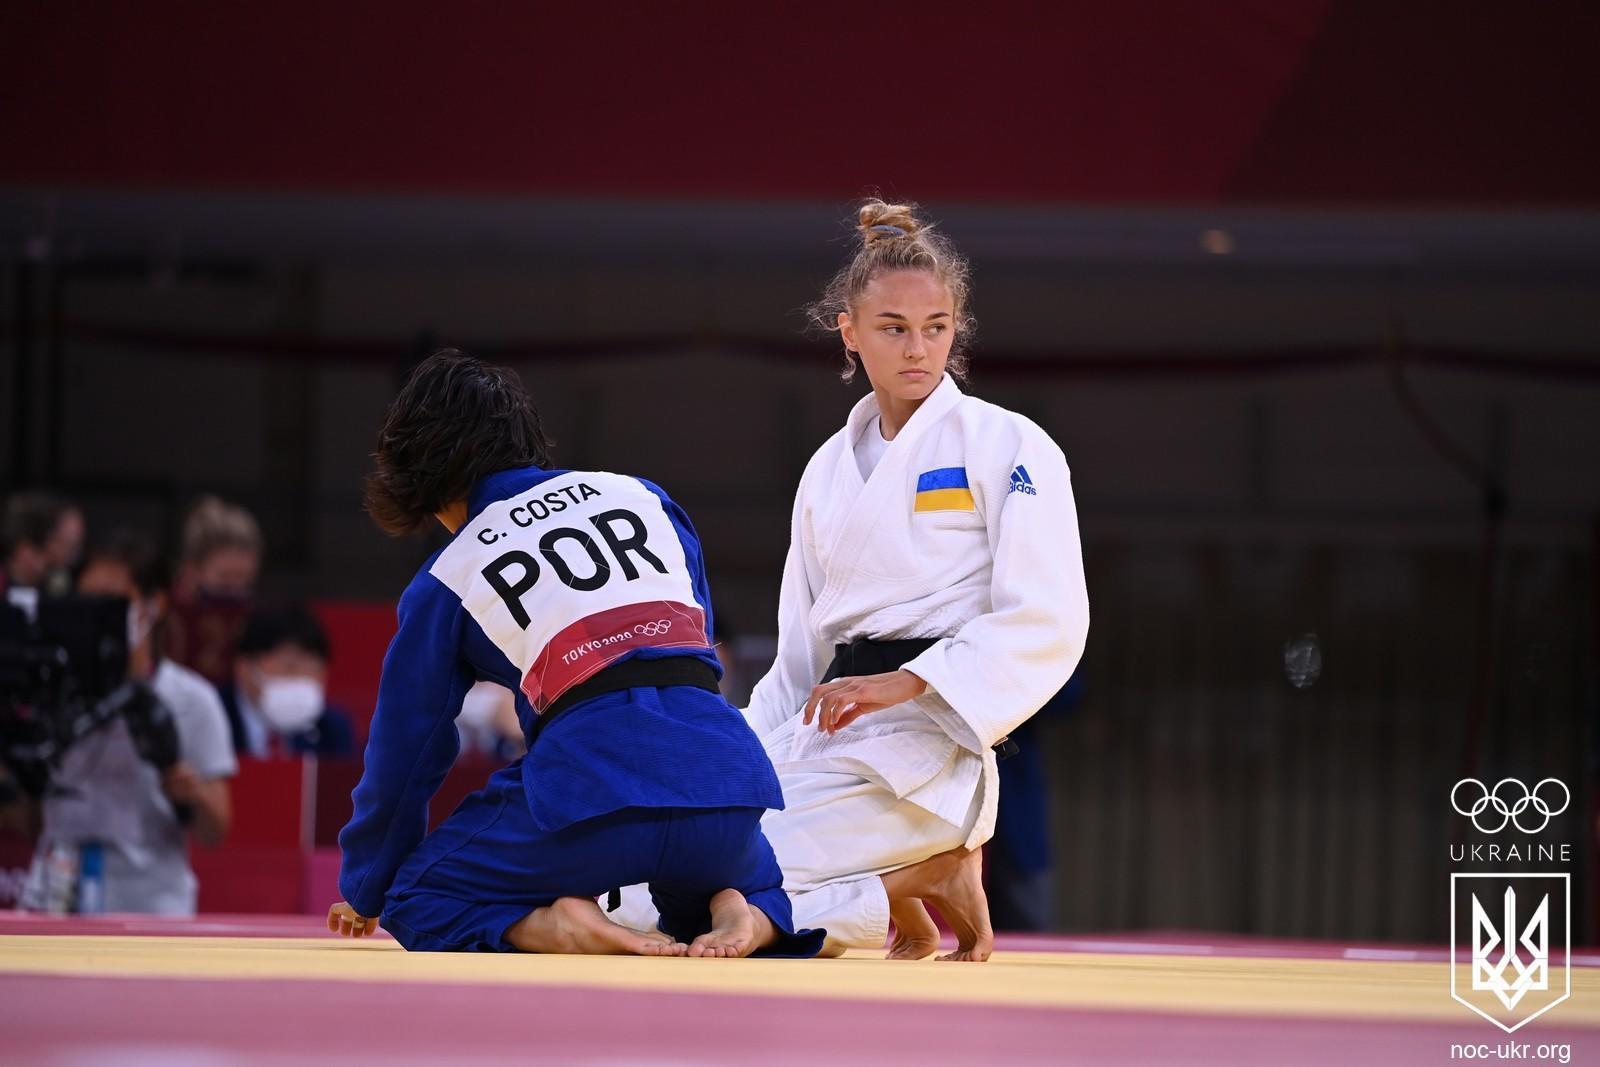 Українська дзюдоїстка Дар'я Білодід принесла українській збірній бронзову медаль на Олімпіаді